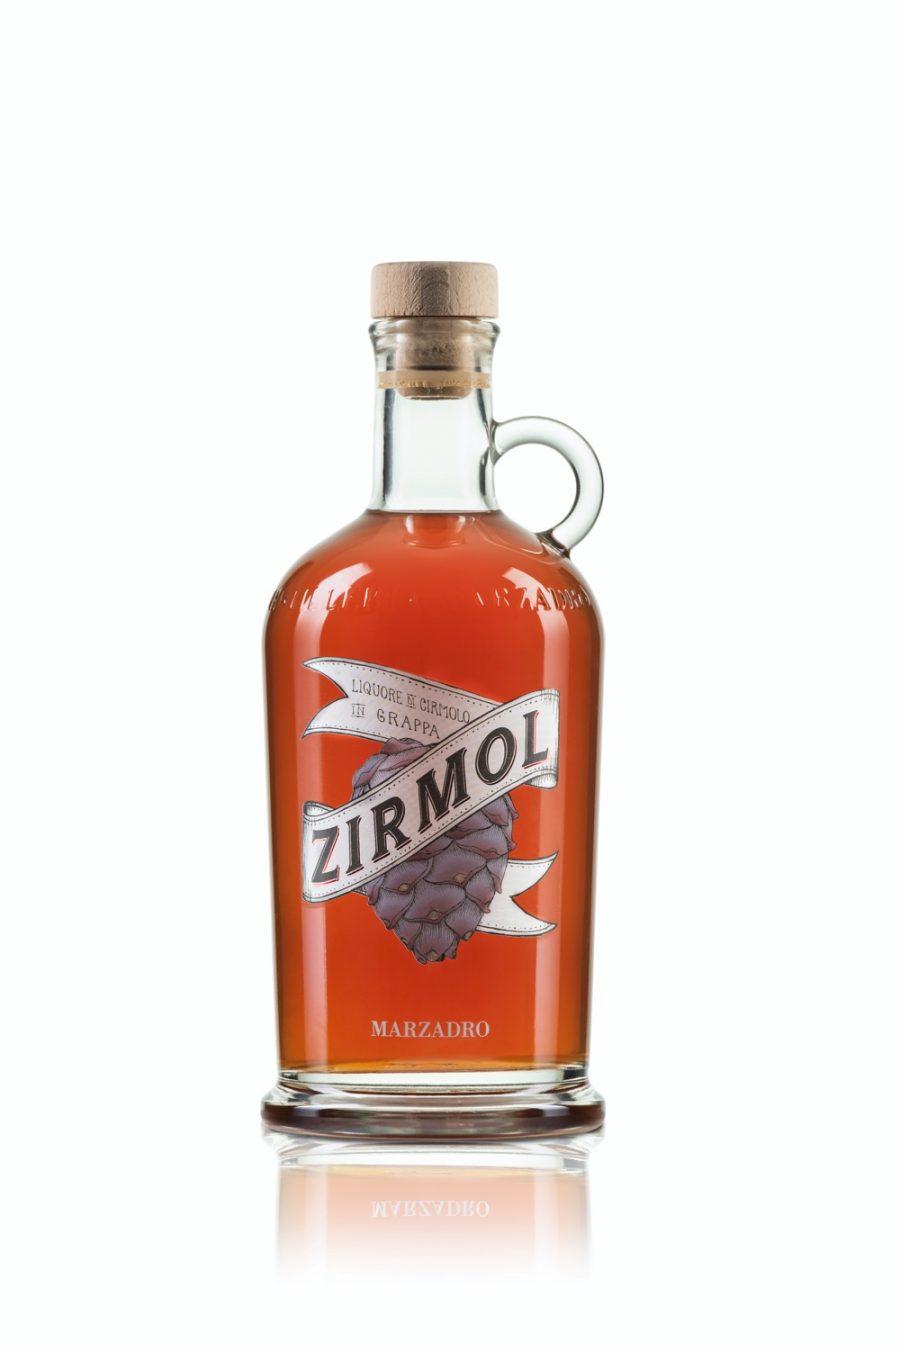 Zirmol - cirmolo - Marzadro - Cimon Stube Passo Rolle